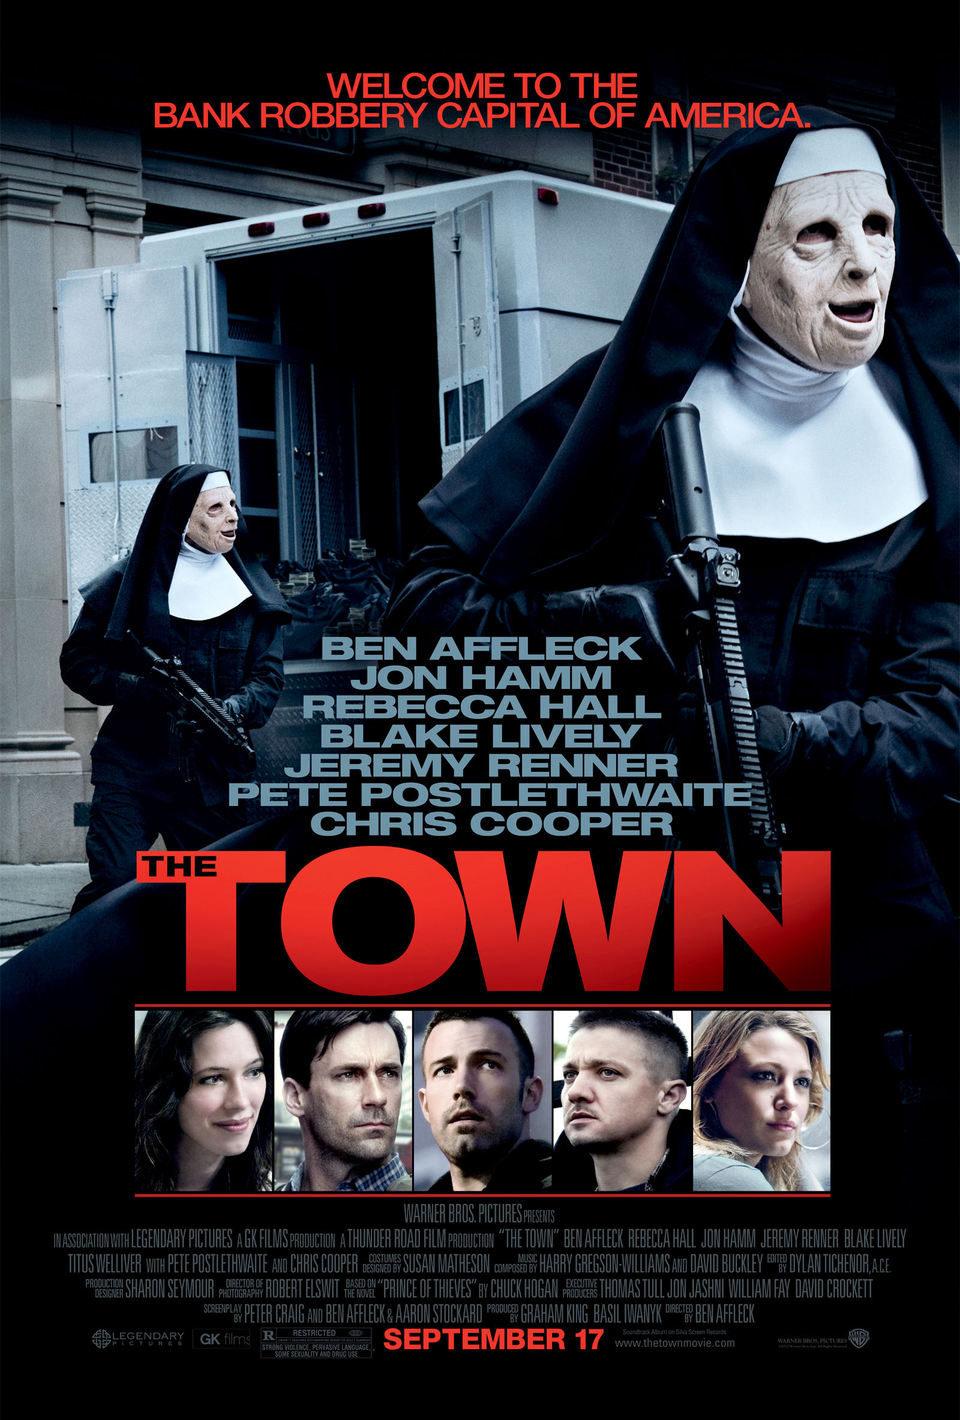 Cartel Estados Unidos de 'The Town. Ciudad de ladrones'